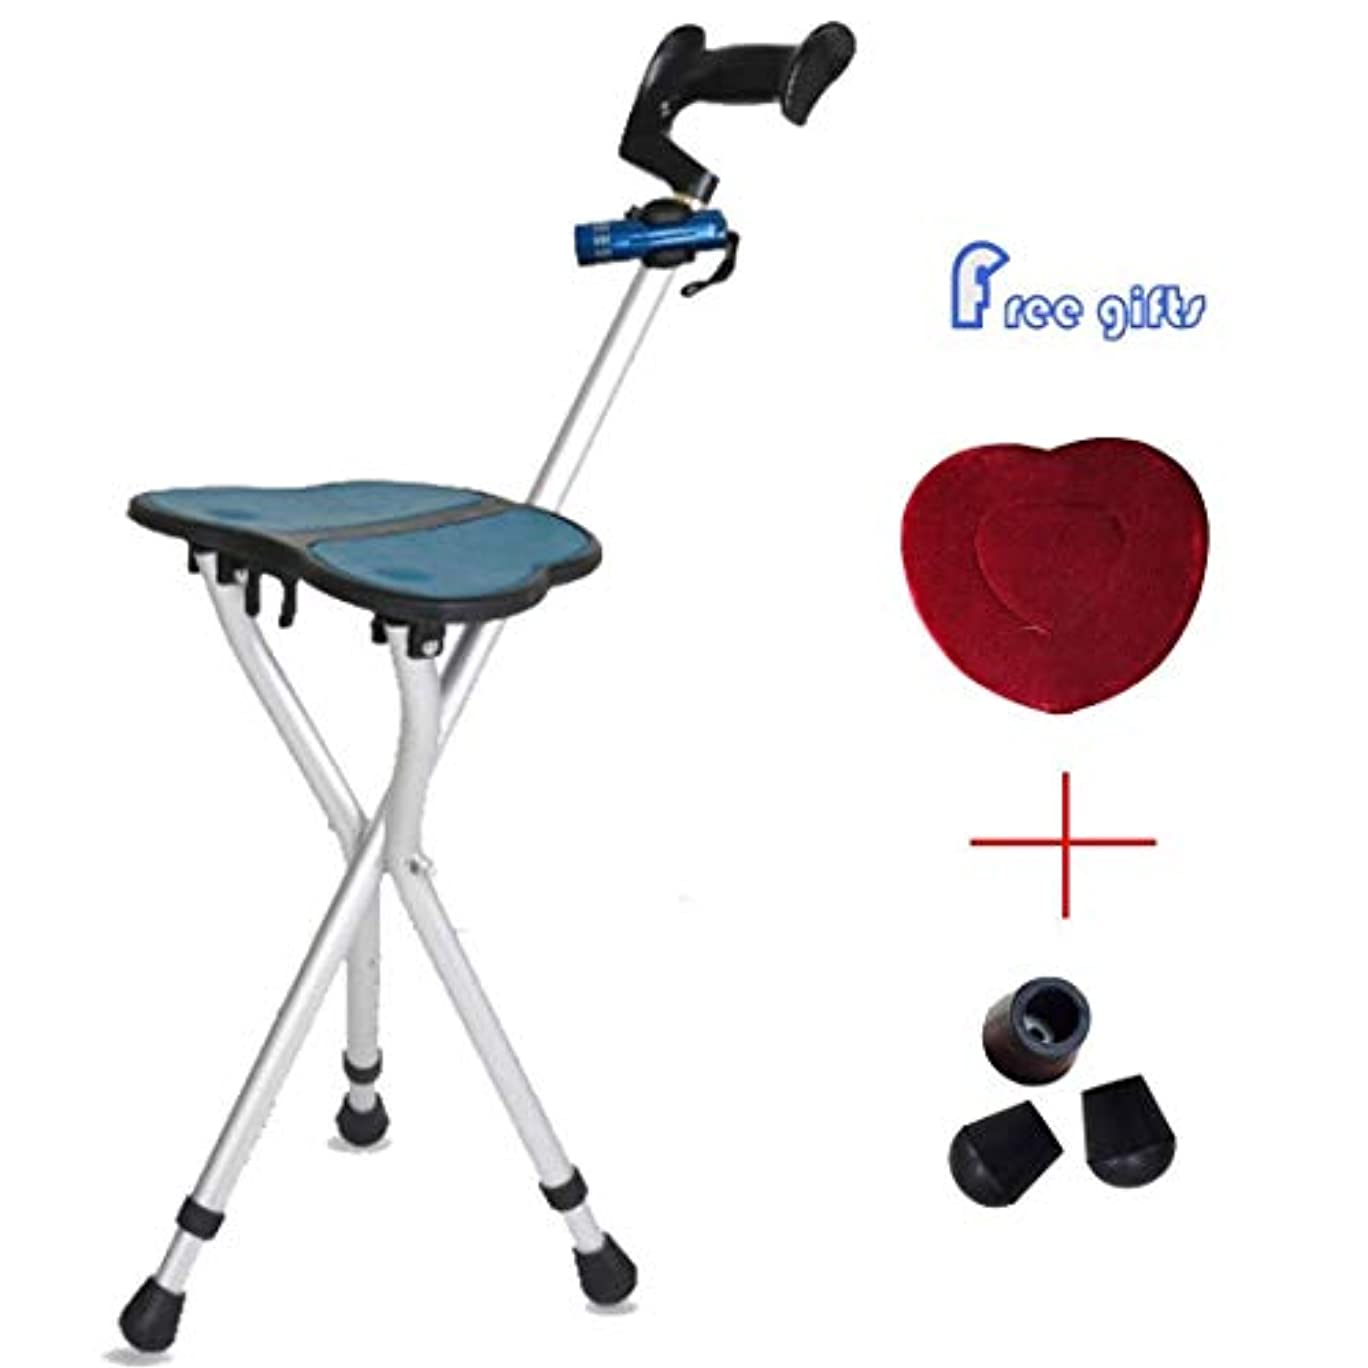 困ったマイクネイティブ障害者/アルミ合金の調節可能な杖のために適した杖アルミニウム折りたたみ杖の座席 (Color : 銀, Size : Model1)